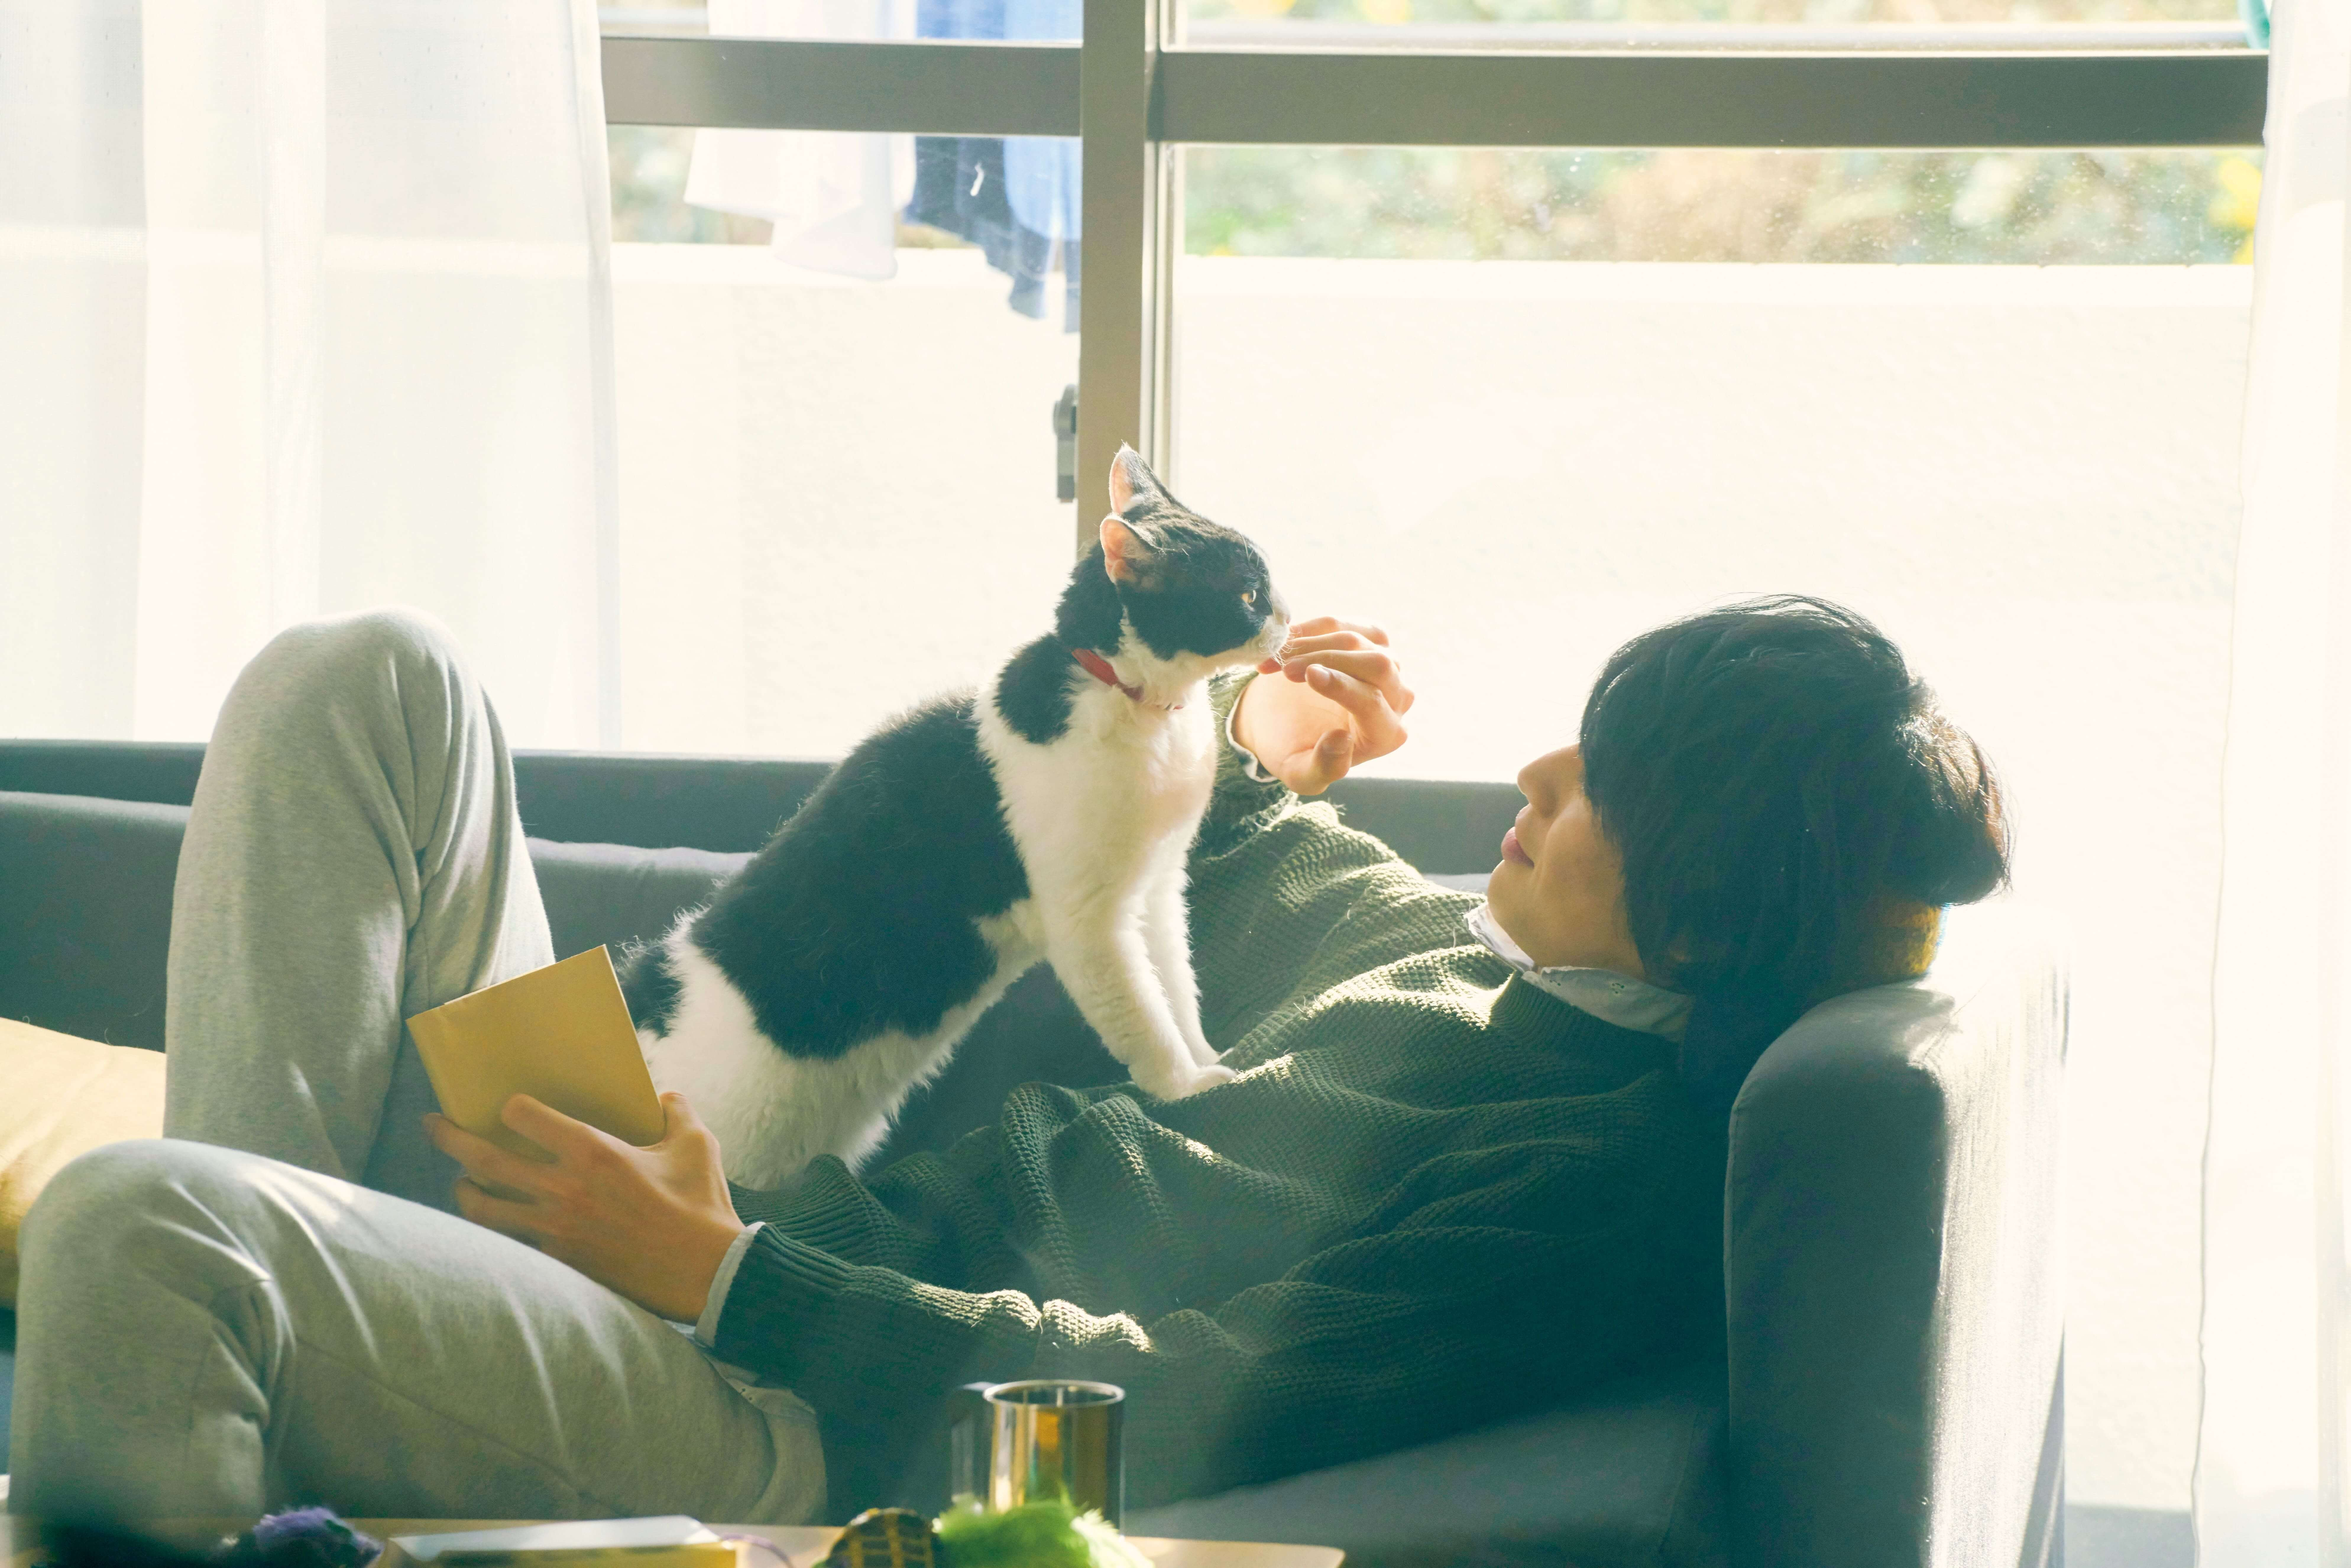 《旅貓日記》劇照